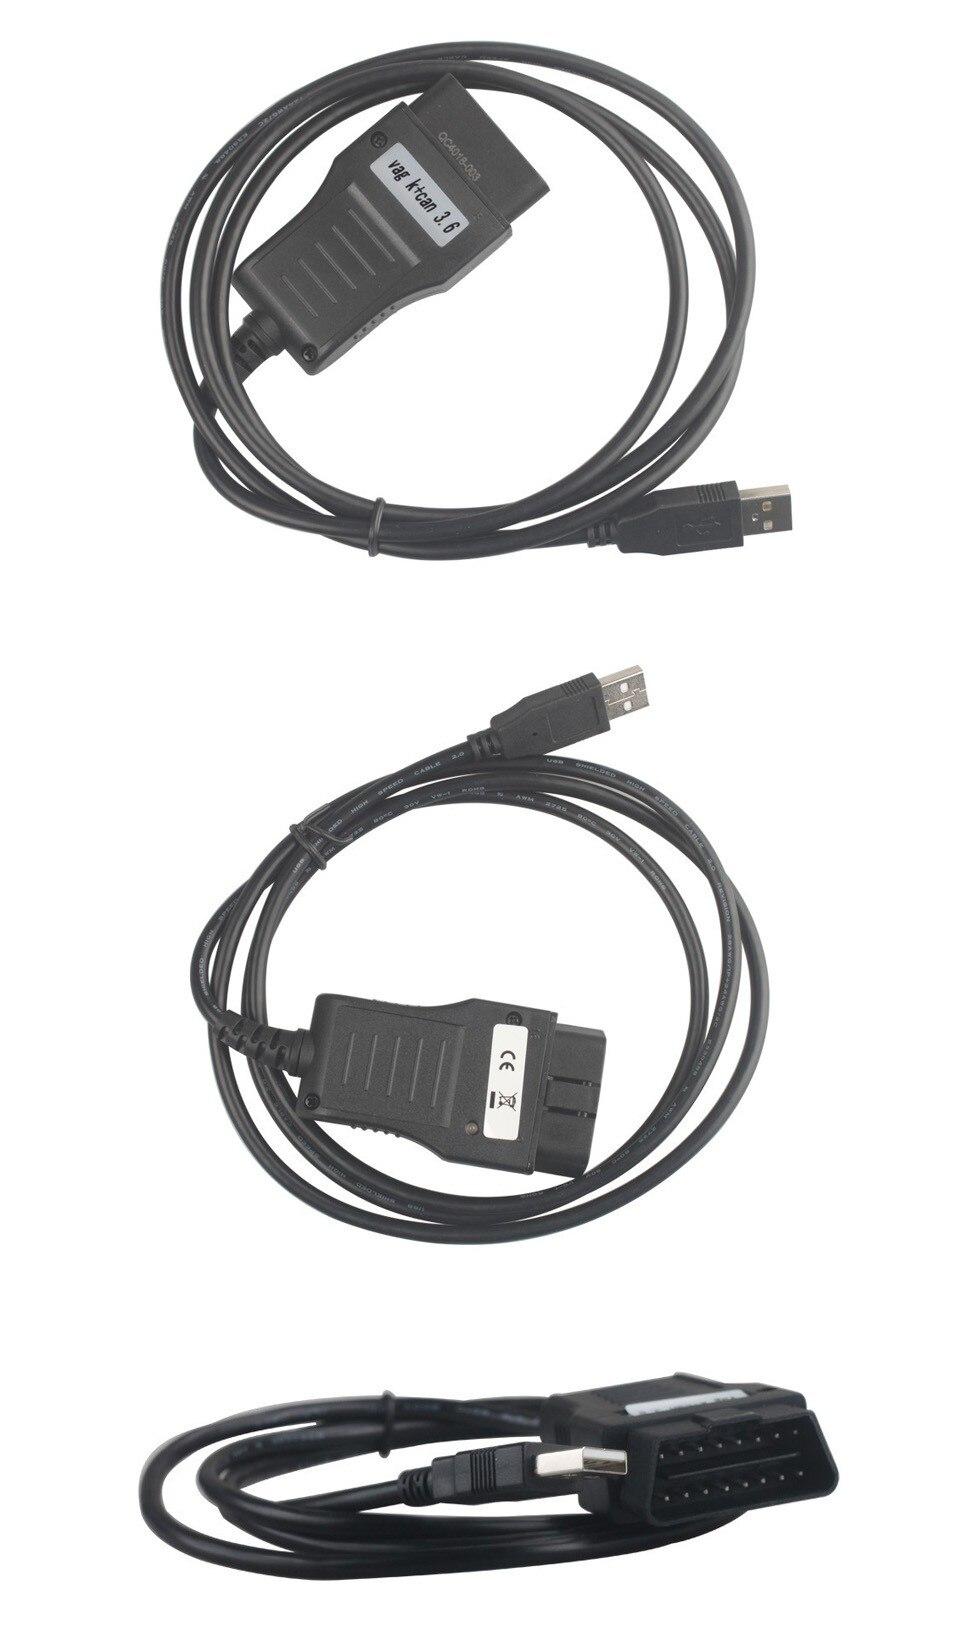 VAG K+ CAN COMMANDER 3,6 для Audi Для VW горячая Распродажа диагностический инструмент VAG